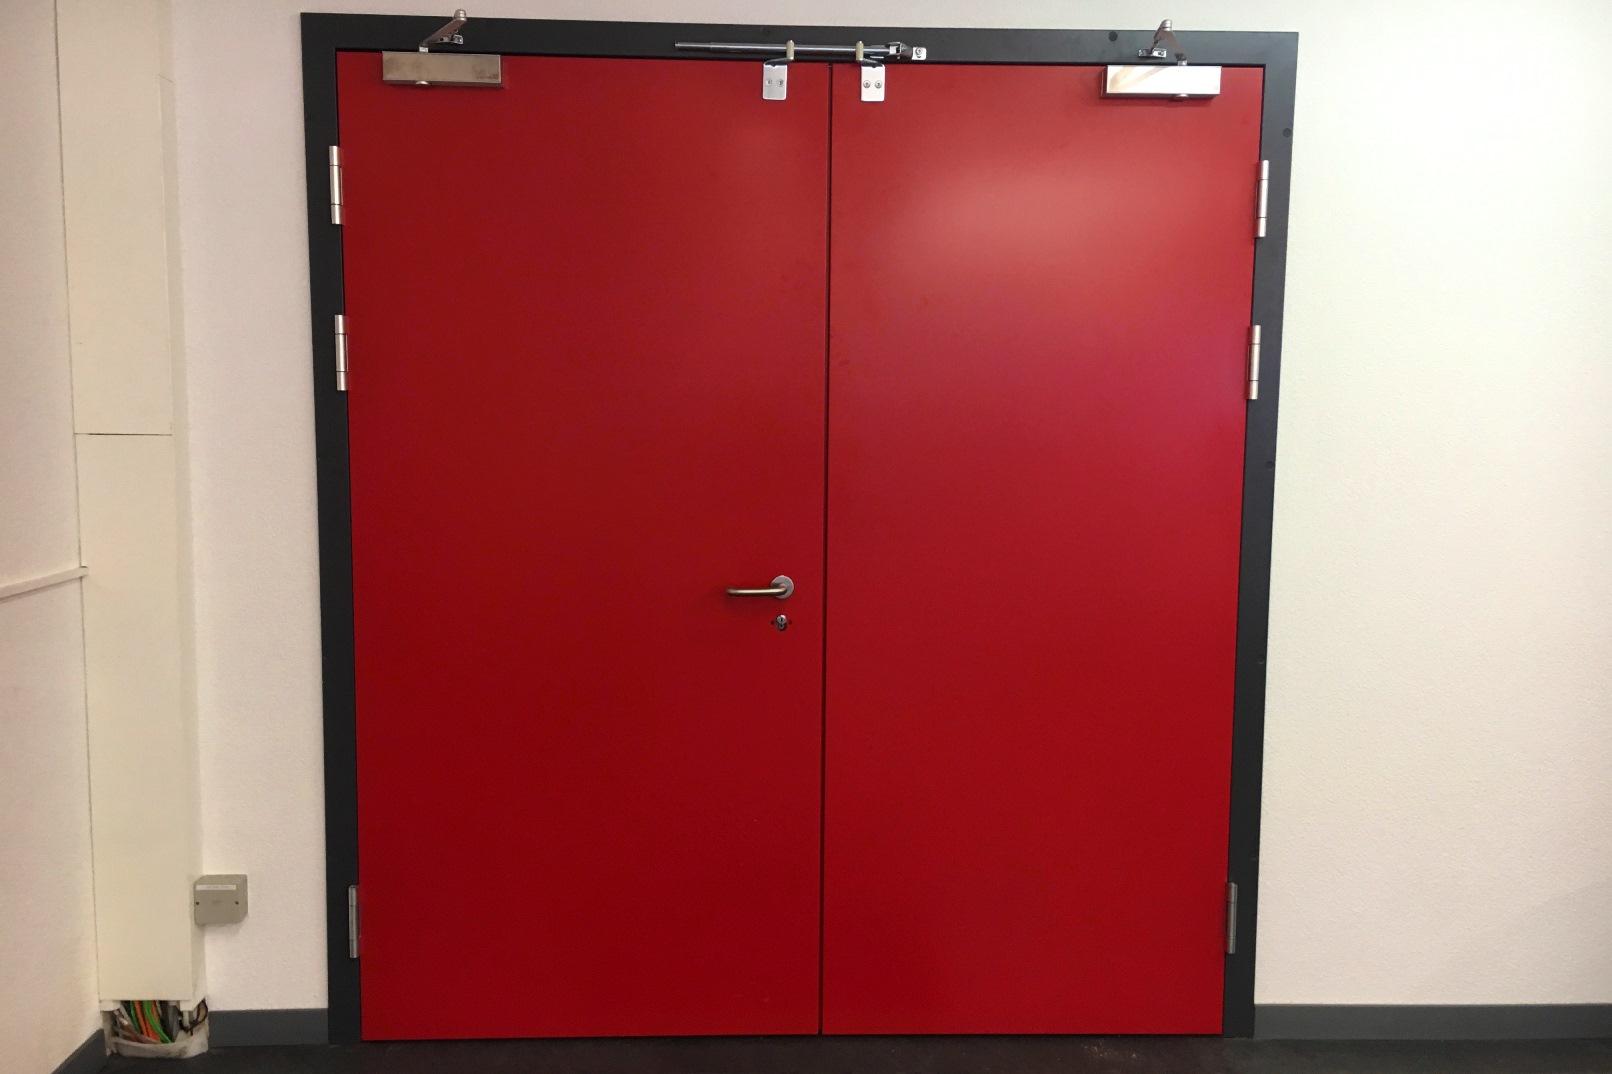 Brandschutztüren und –tore sind zum Schutz von Personen und Sachwerten unverzichtbar. Überzeugen Sie sich von unseren Möglichkeiten.